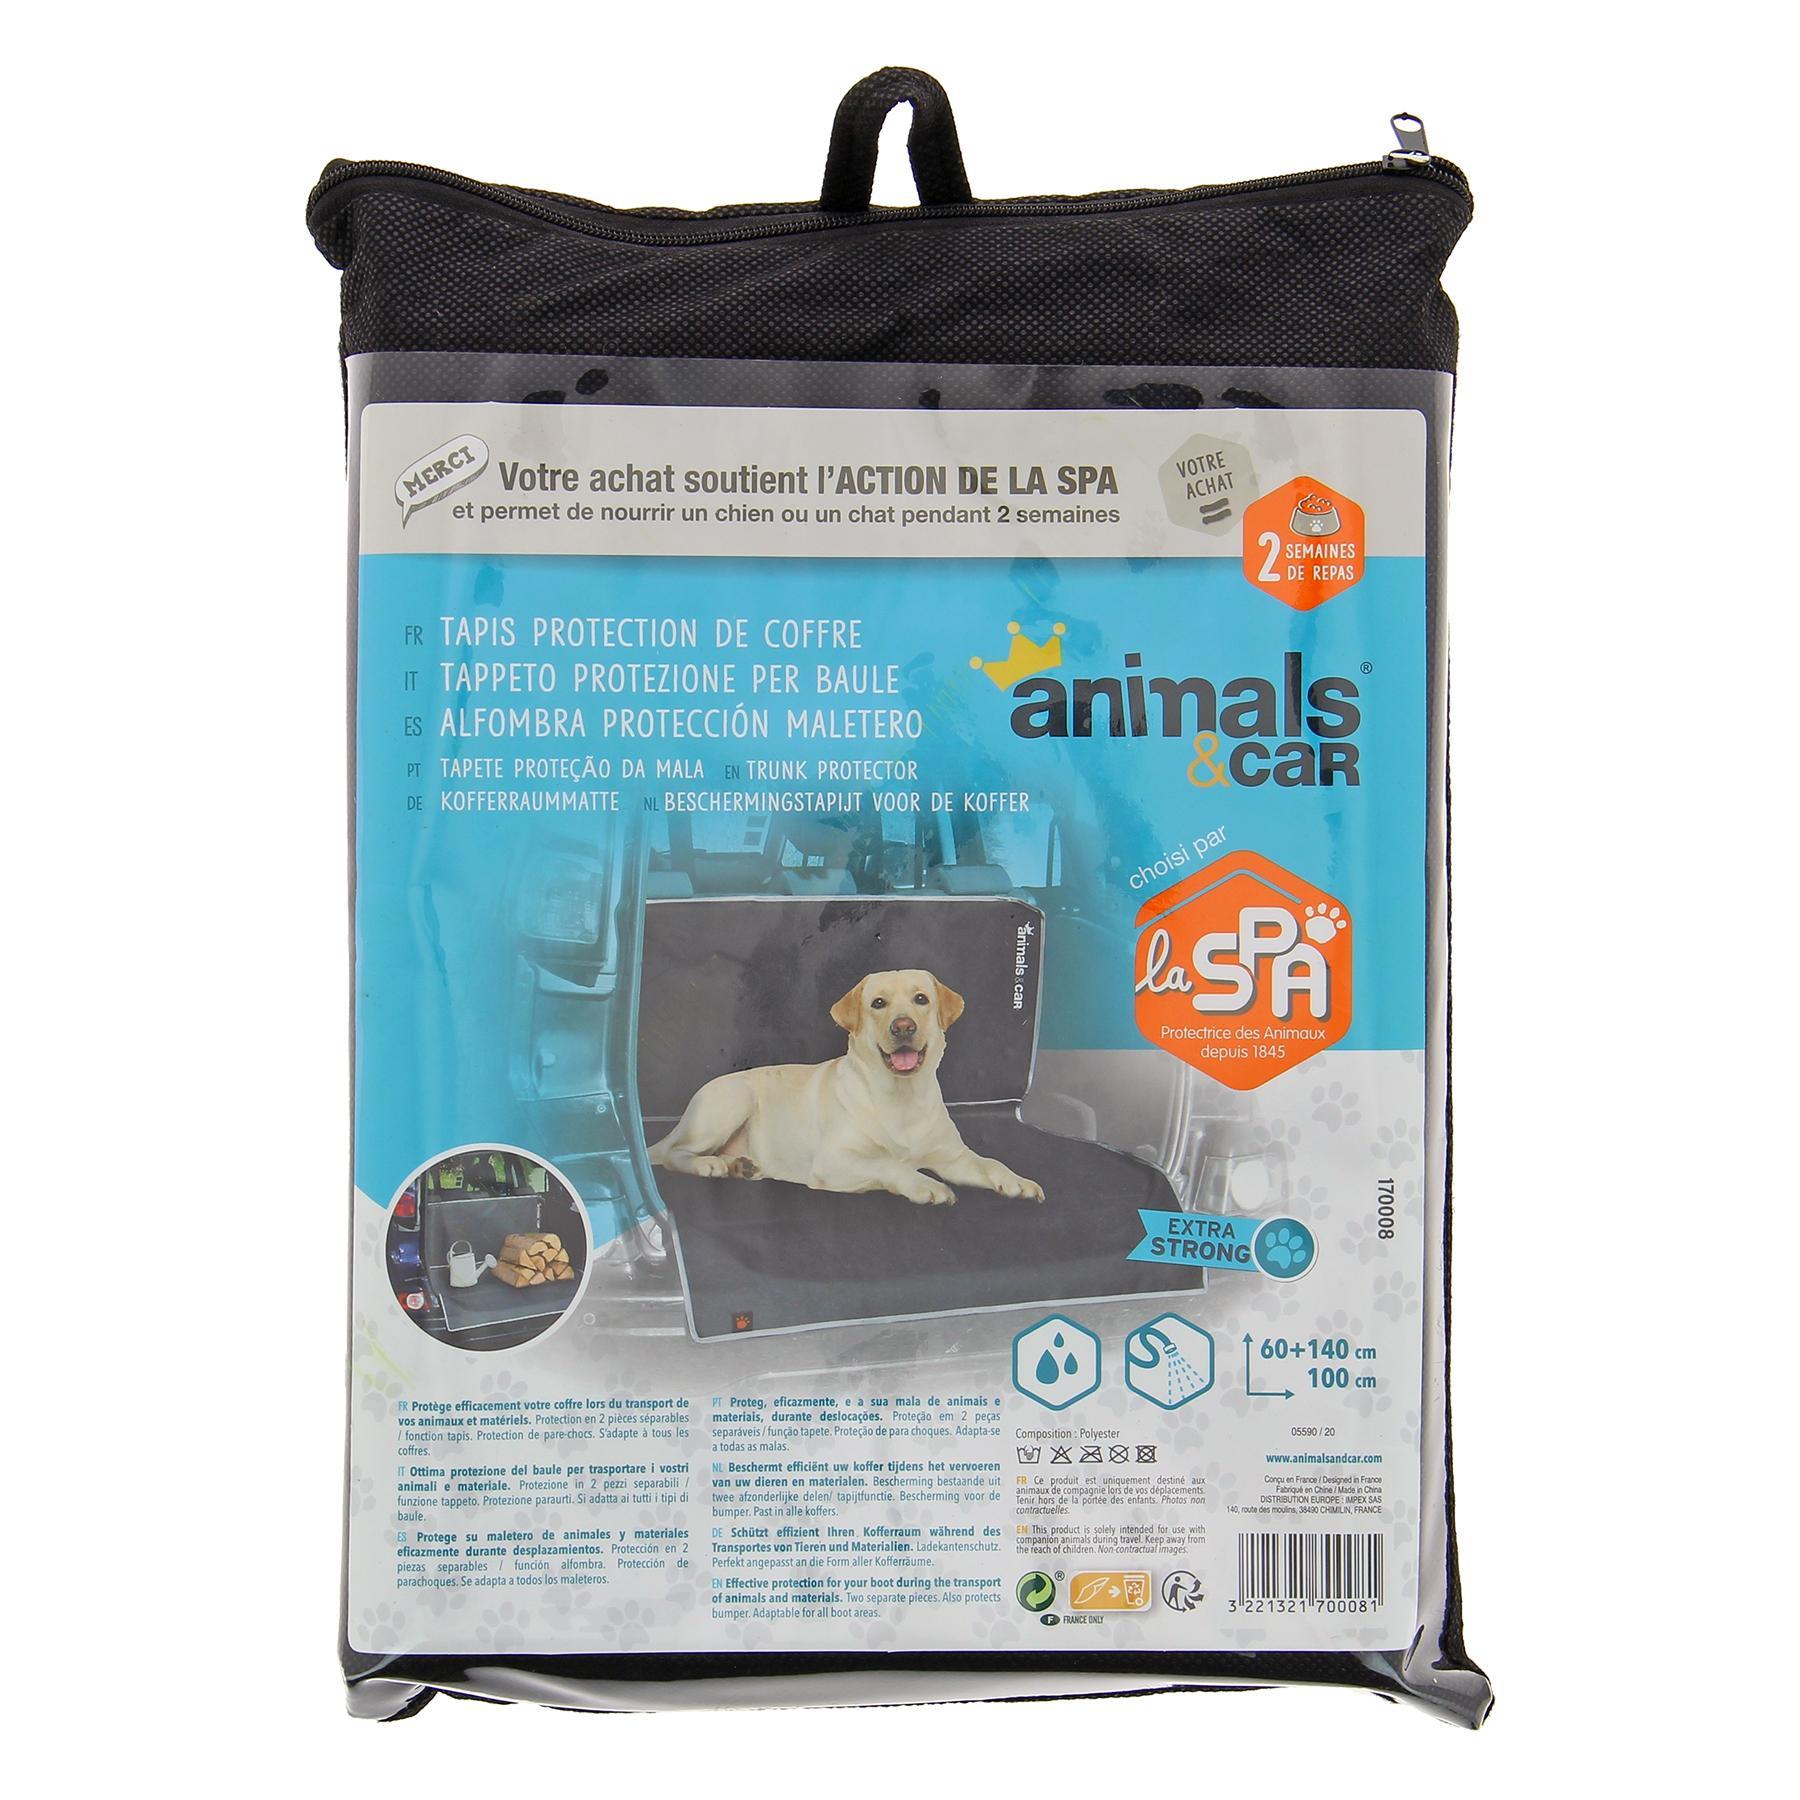 Kutya védőhuzat animals&car 170008 szaktudással